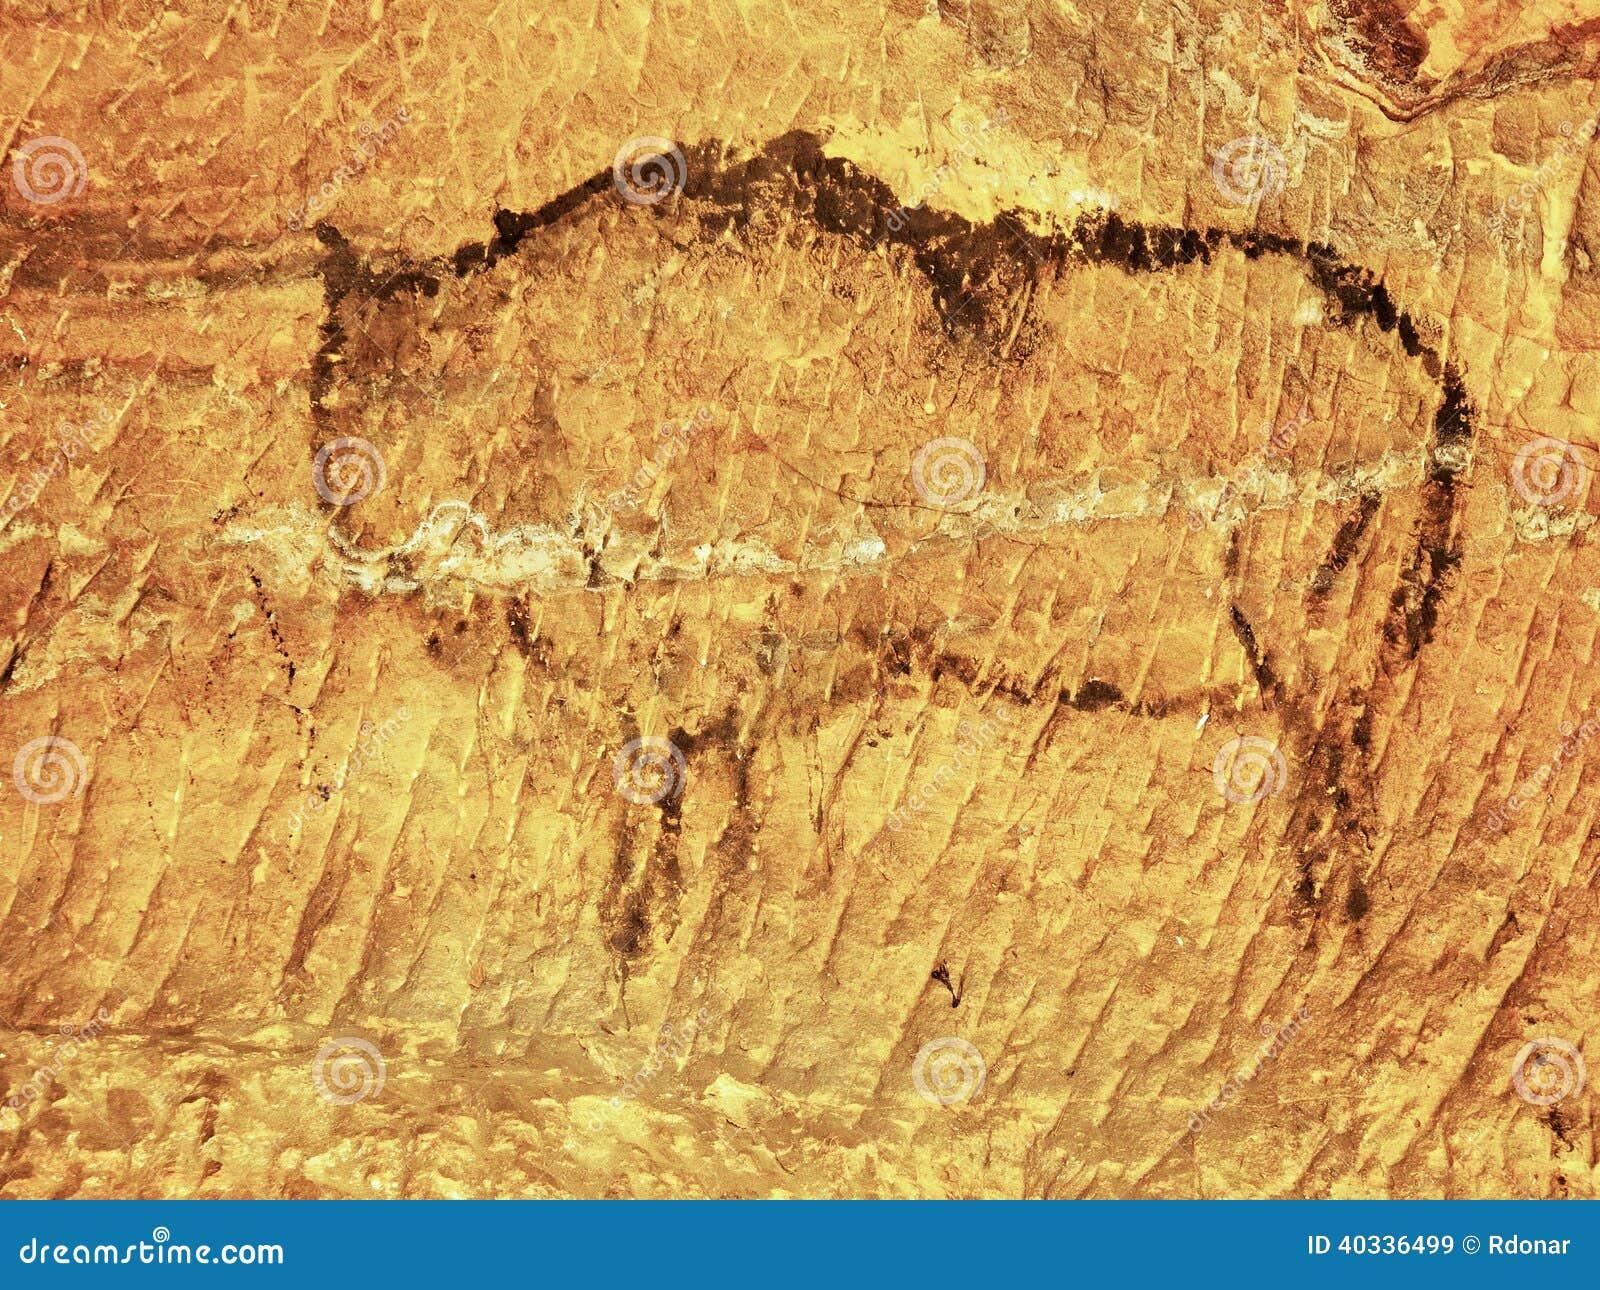 Abstrakt barnkonst i sandstengrotta. Svart kolmålarfärg av bisonen på sandstenväggen